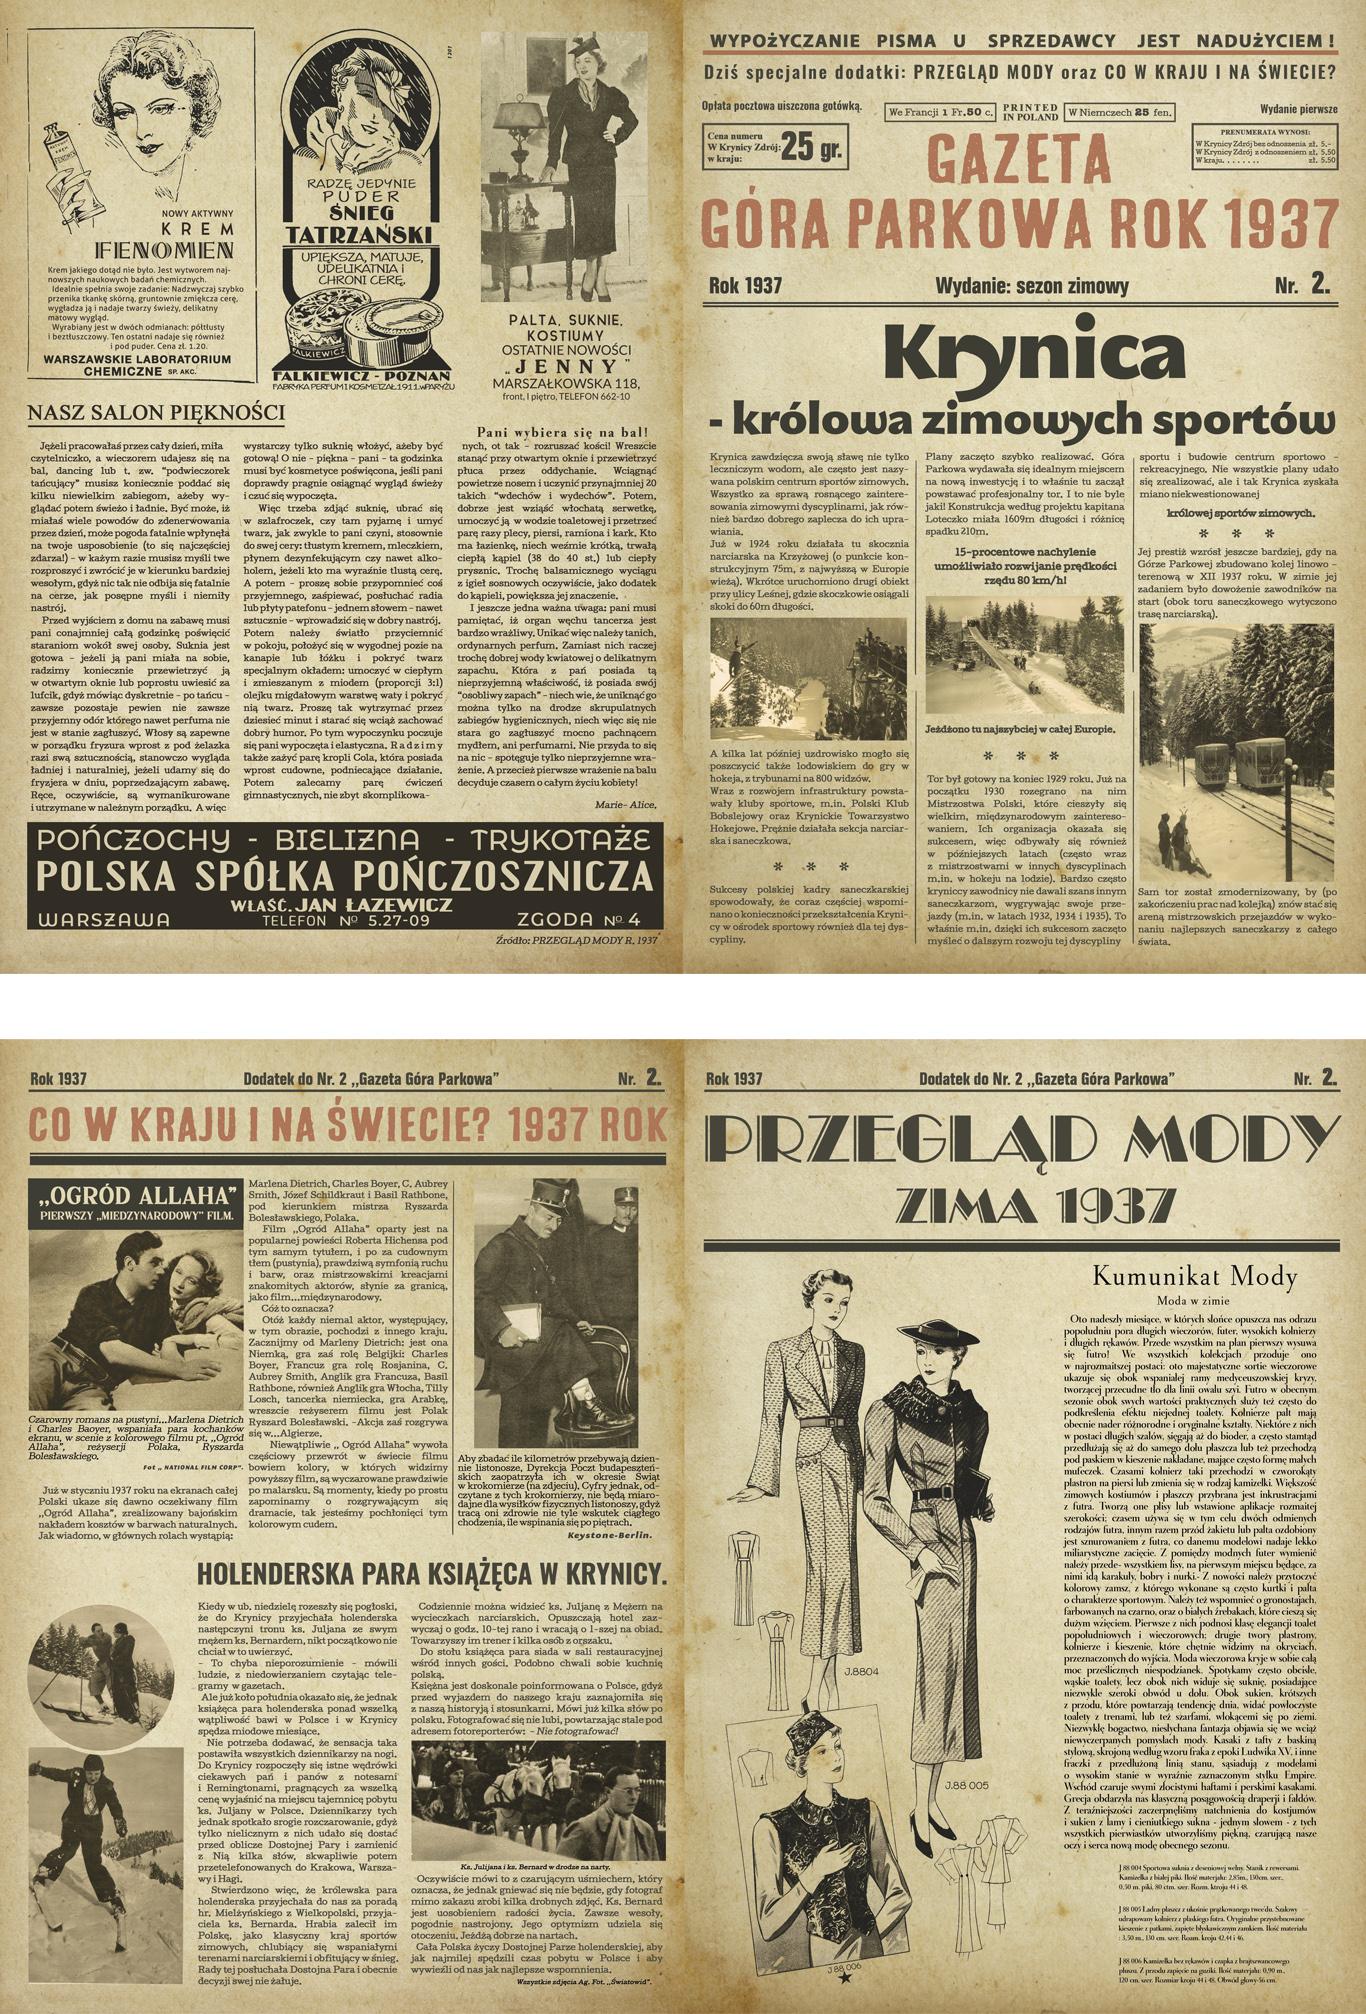 gazetka pkl edycja zimowa